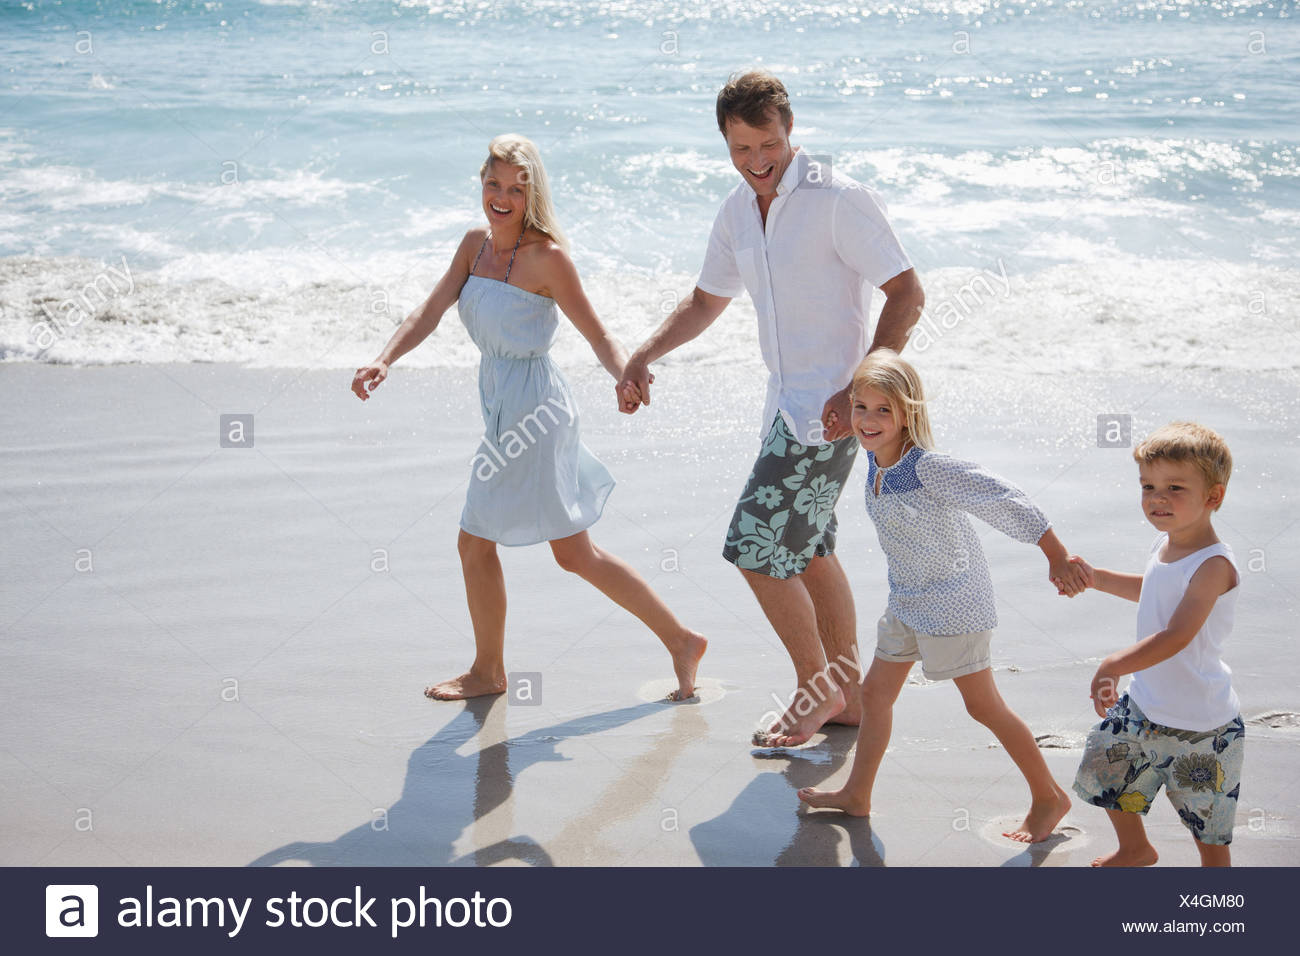 L'océan de patauger dans la famille Photo Stock